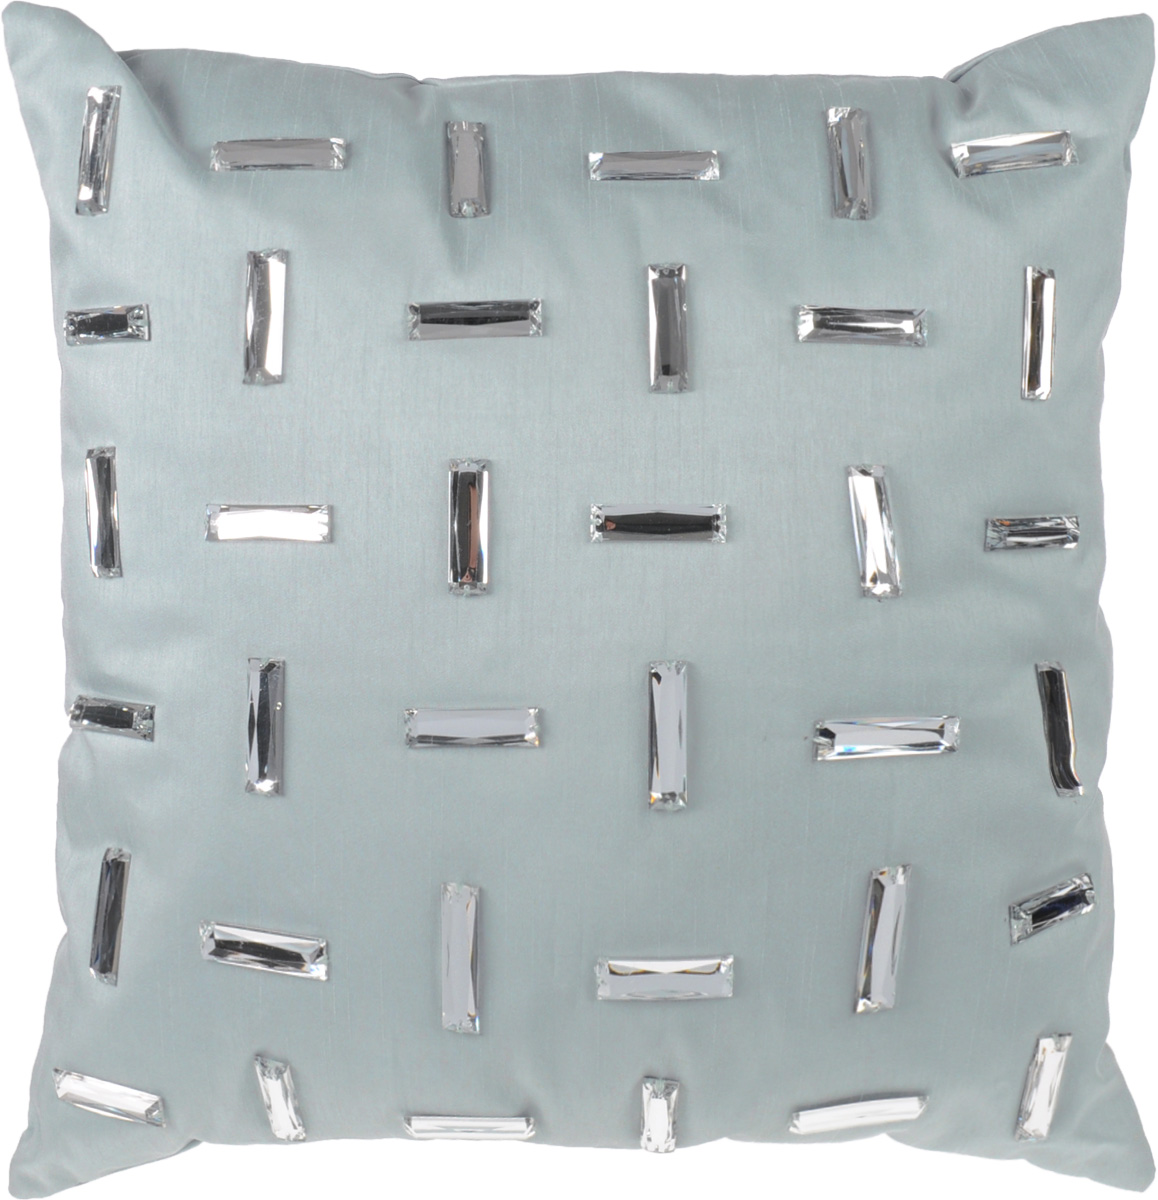 """Декоративная подушка """"Коллекция"""", выполненная из полиэстера серого цвета с набивкой из силиконизированного волокна, станет отличным подарком для каждого.  Подушка расшита декоративными блестящими элементами . Съемный чехол закрывается на застежку-молнию.   Такая подушка подарит комфорт и уют, а также станет оригинальным украшением интерьера.   Характеристики:  Материал чехла: 100% полиэстер, пластик. Набивка: 100% силиконизированное волокно. Размер подушки: 40 см x 40 см. Артикул: ПДА-6."""